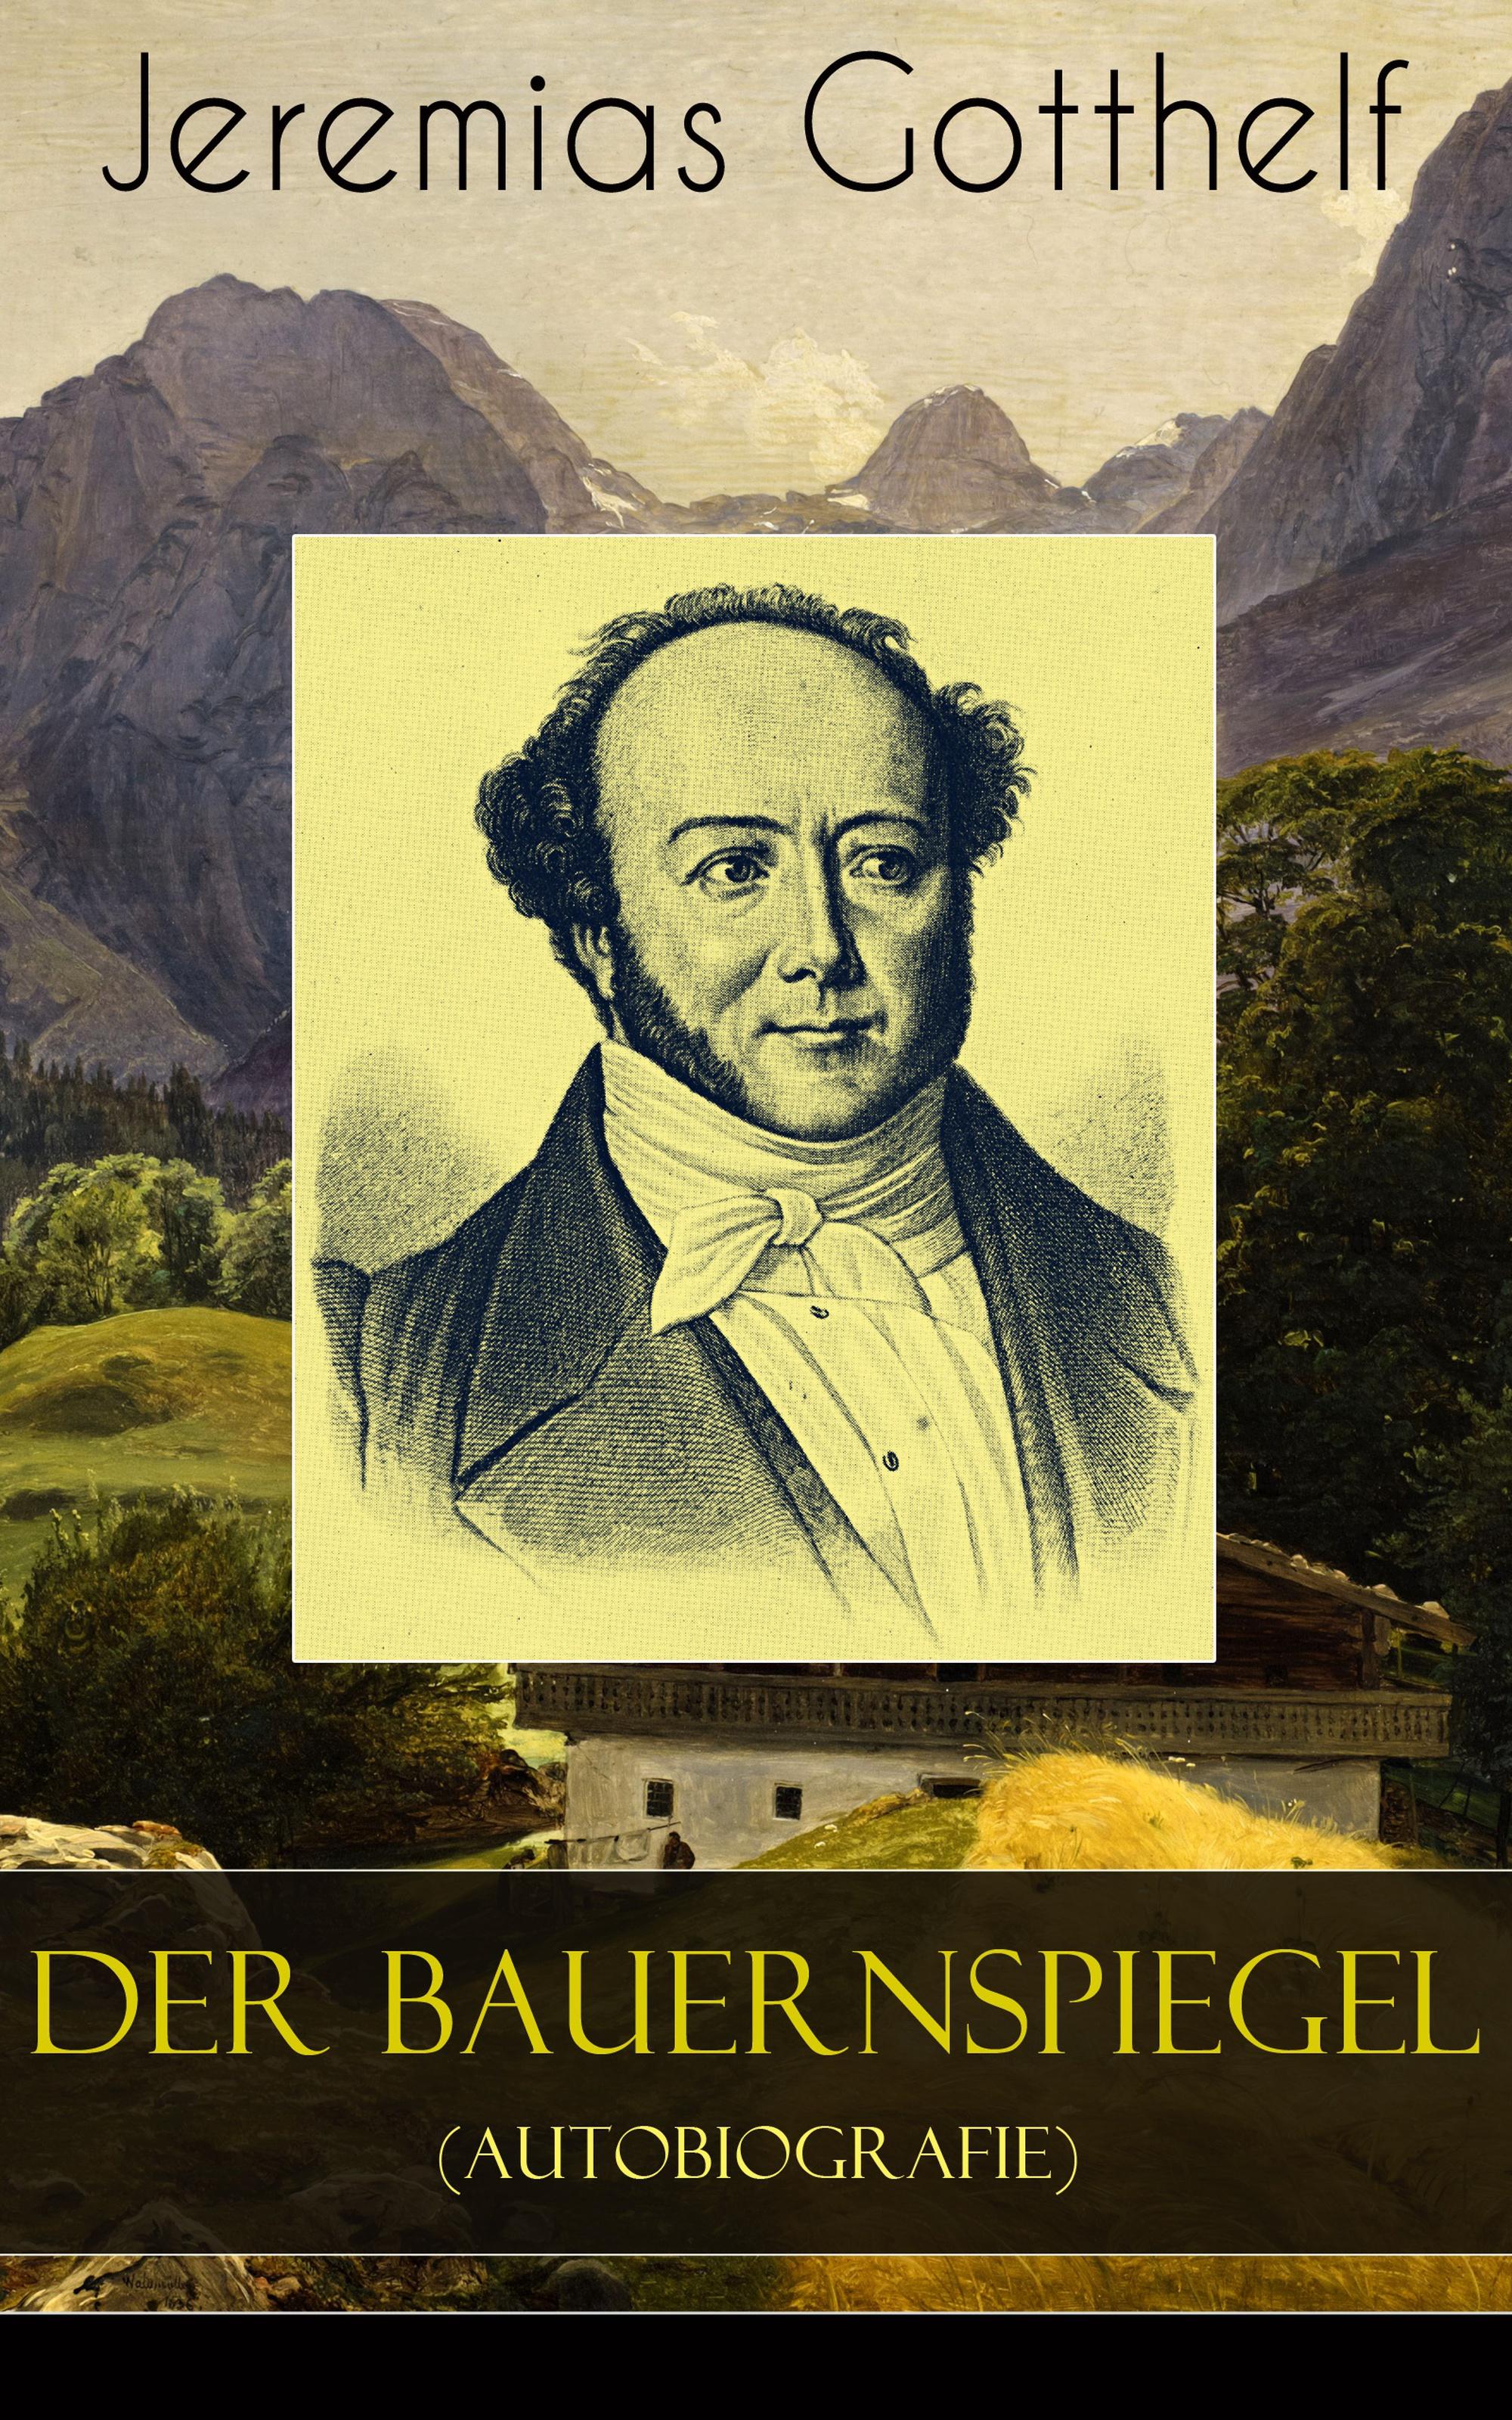 Jeremias Gotthelf Der Bauernspiegel (Autobiografie) gersdorf ernst gotthelf repertorium der gesammten deutschen literatur volume 34 german edition